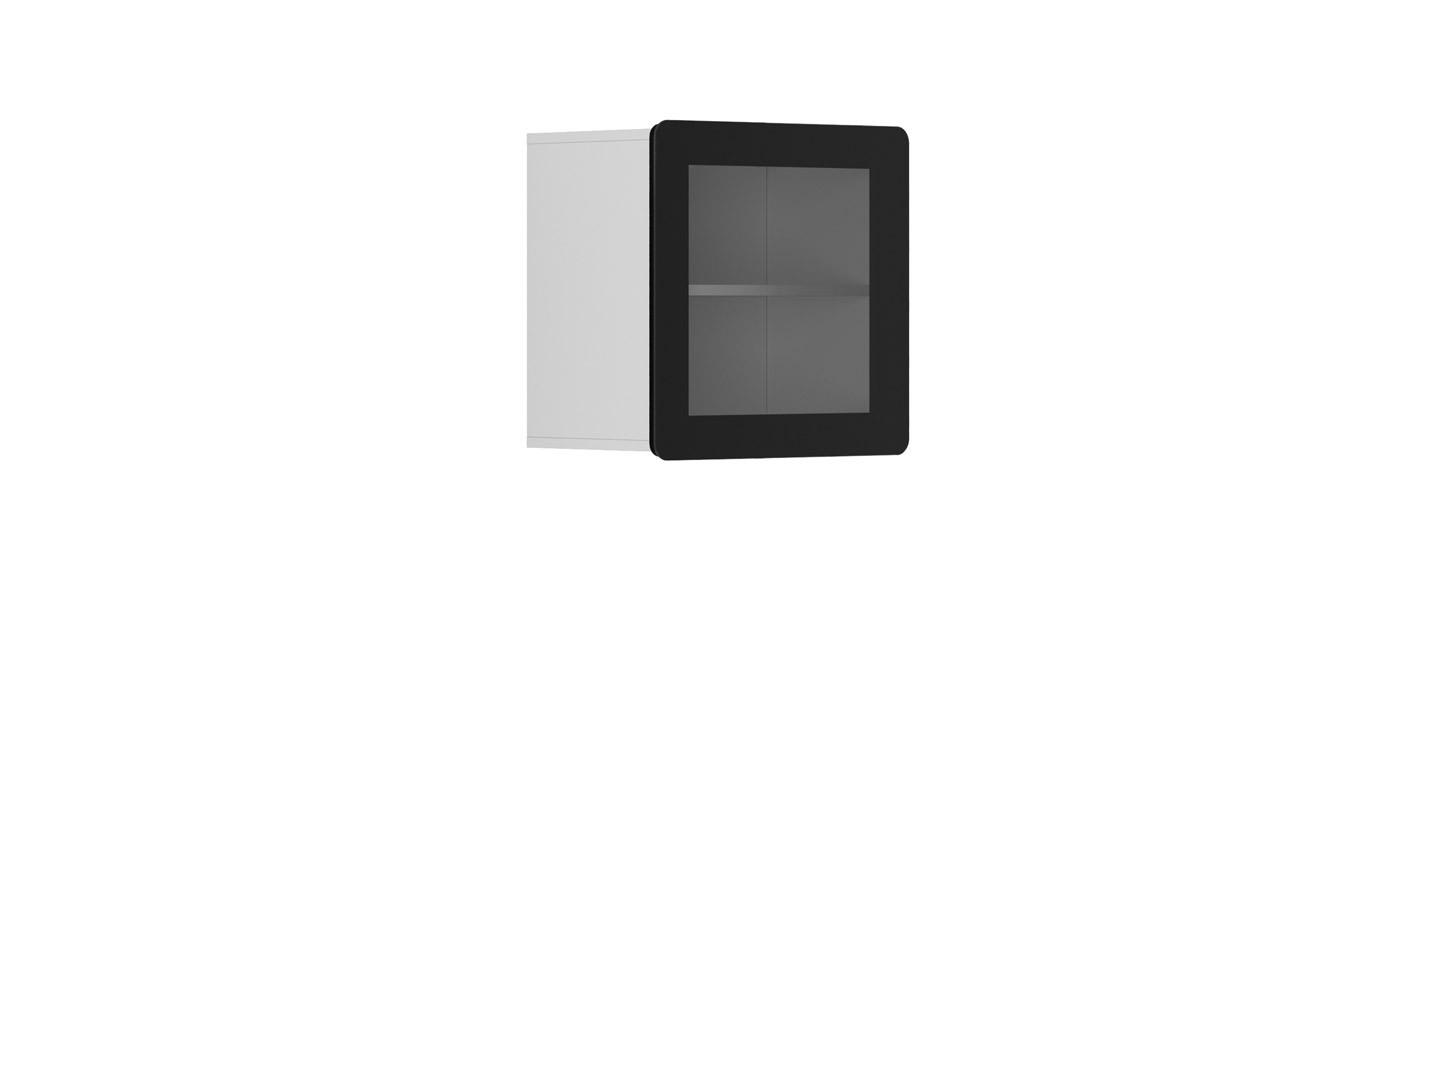 Vitrína na zeď - BRW - Possi Light - SFW1W/5/5 (bílá) (s osvětlením)